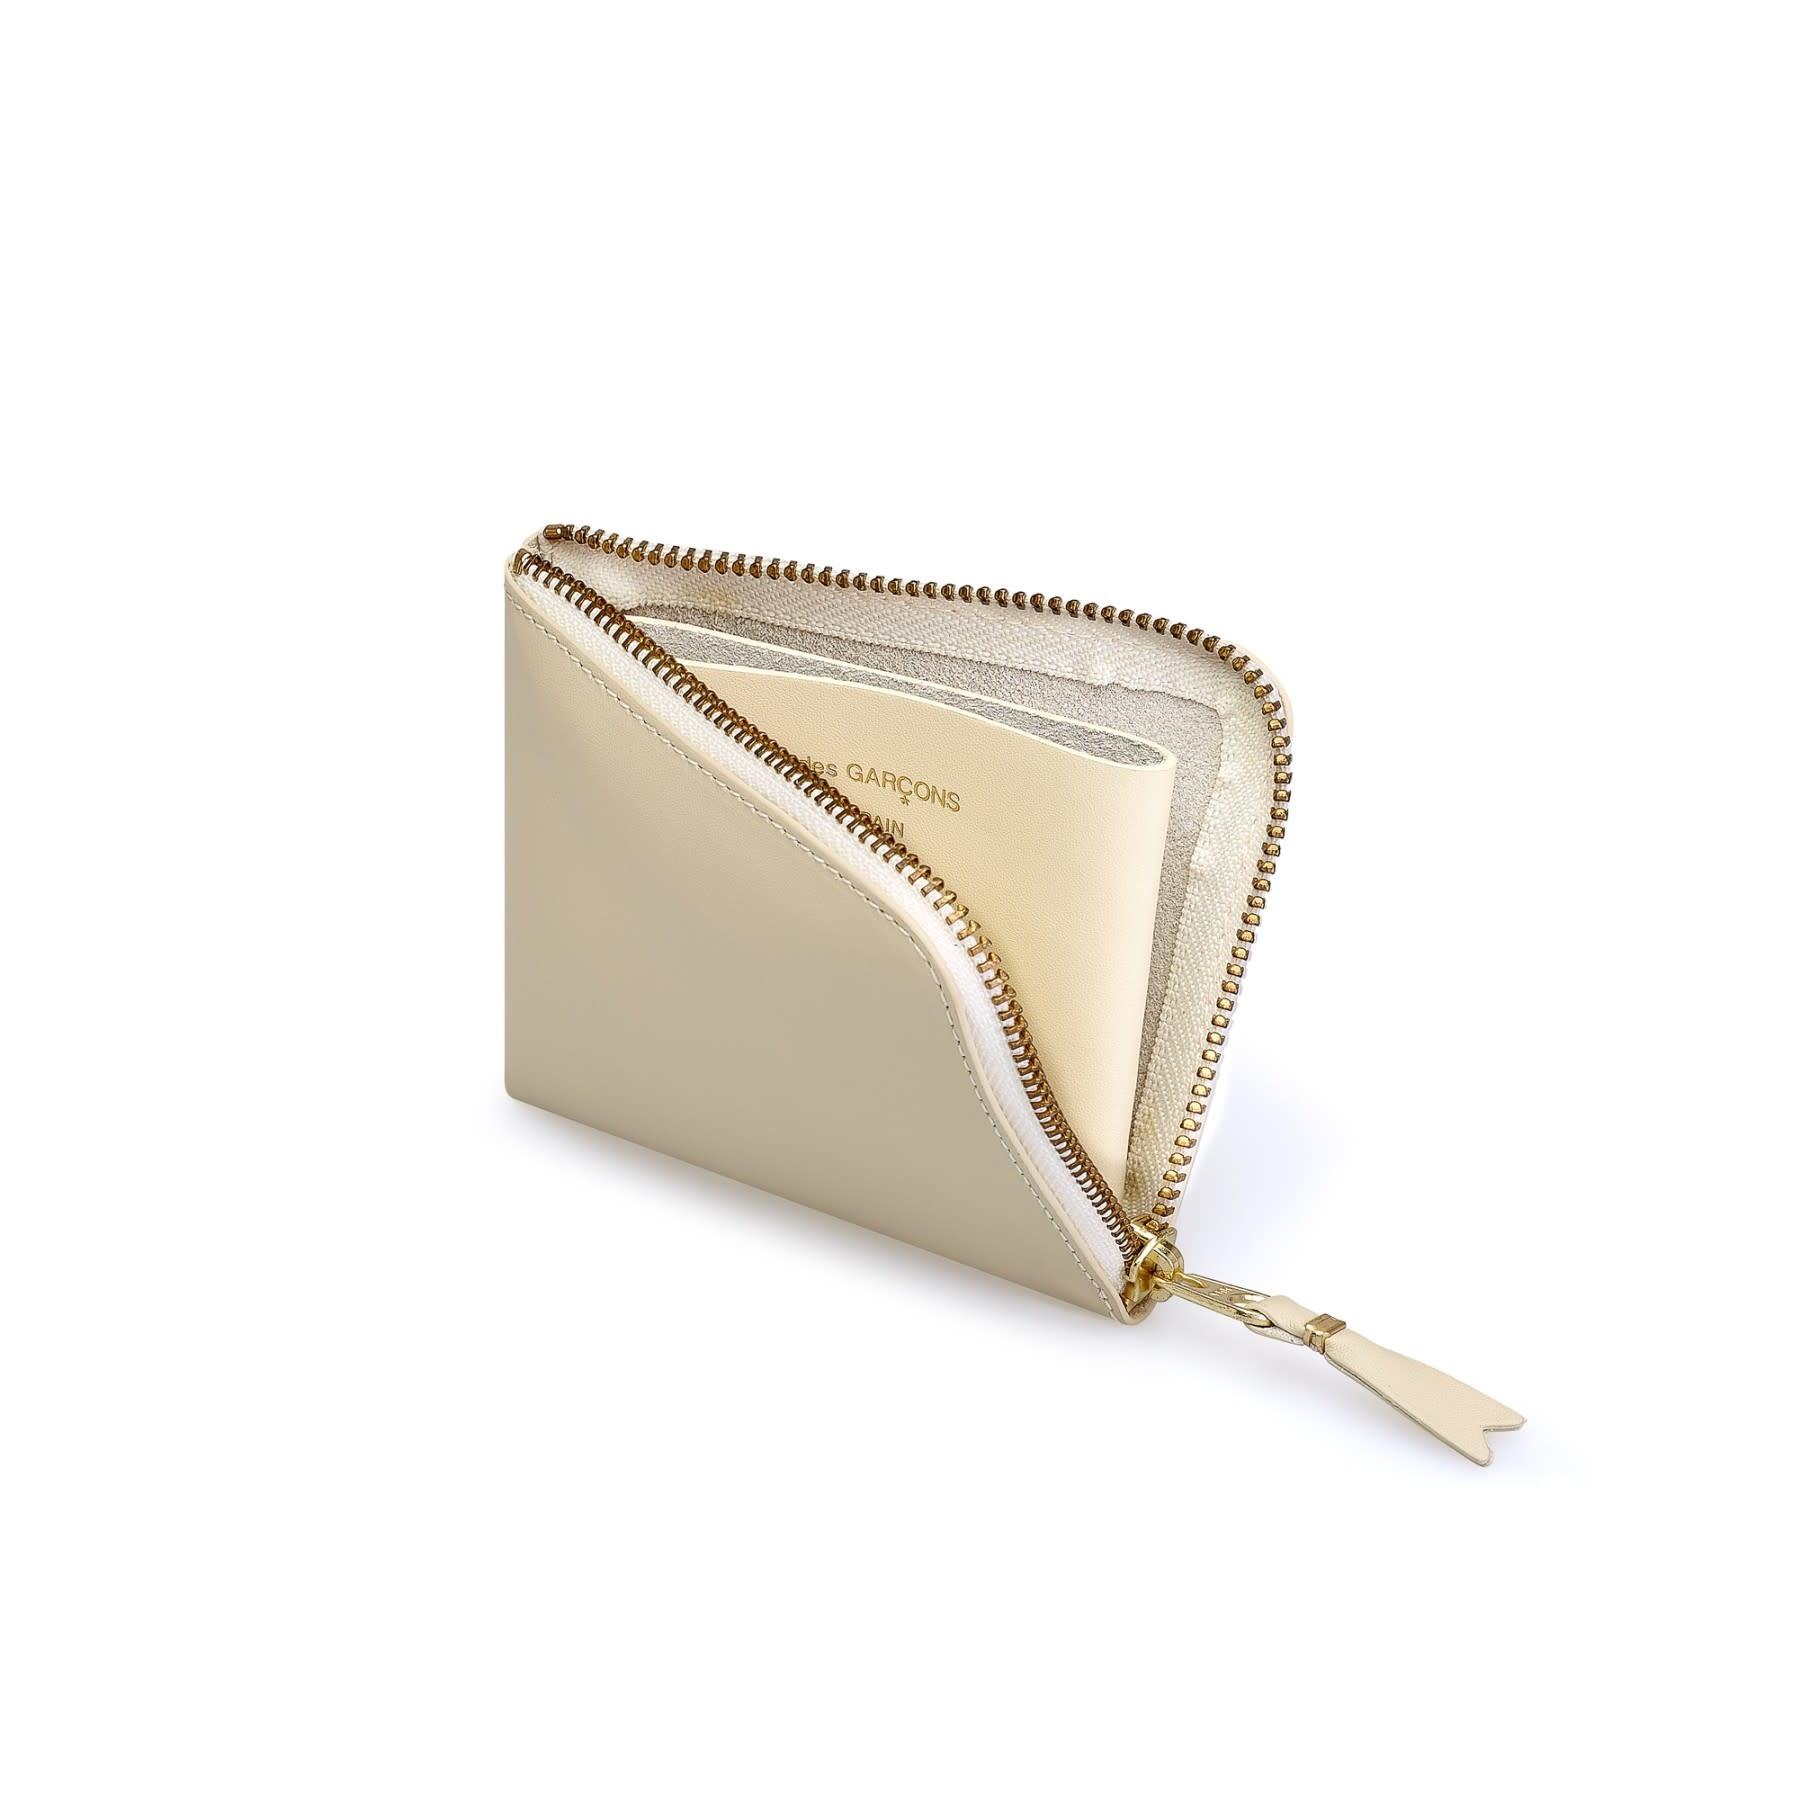 COMME des GARÇONS WALLET Half ZIP WALLET CLASSIC Off White SA7100